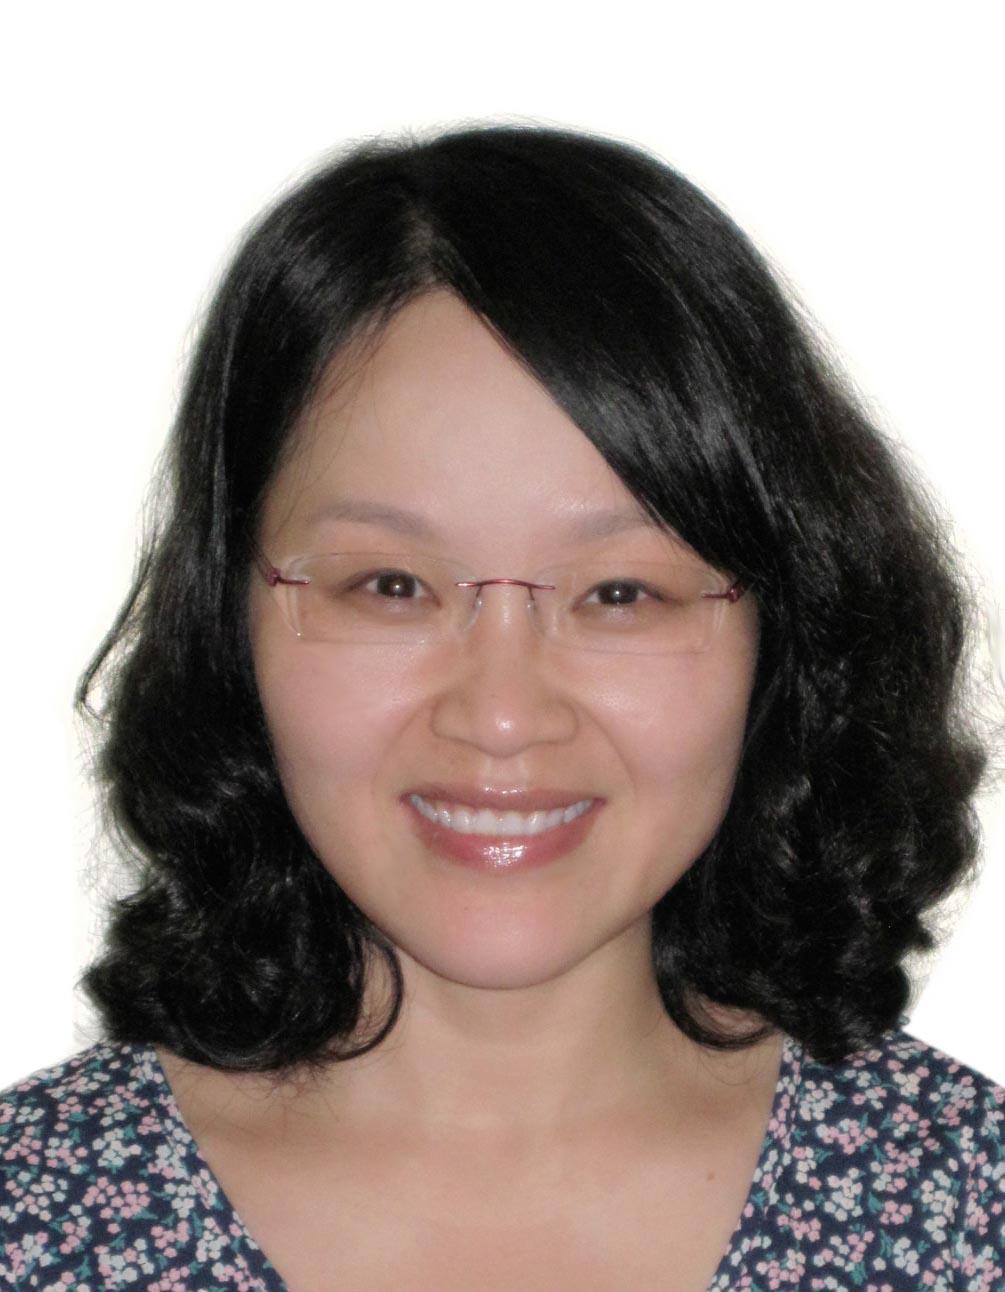 Fangli Xiong